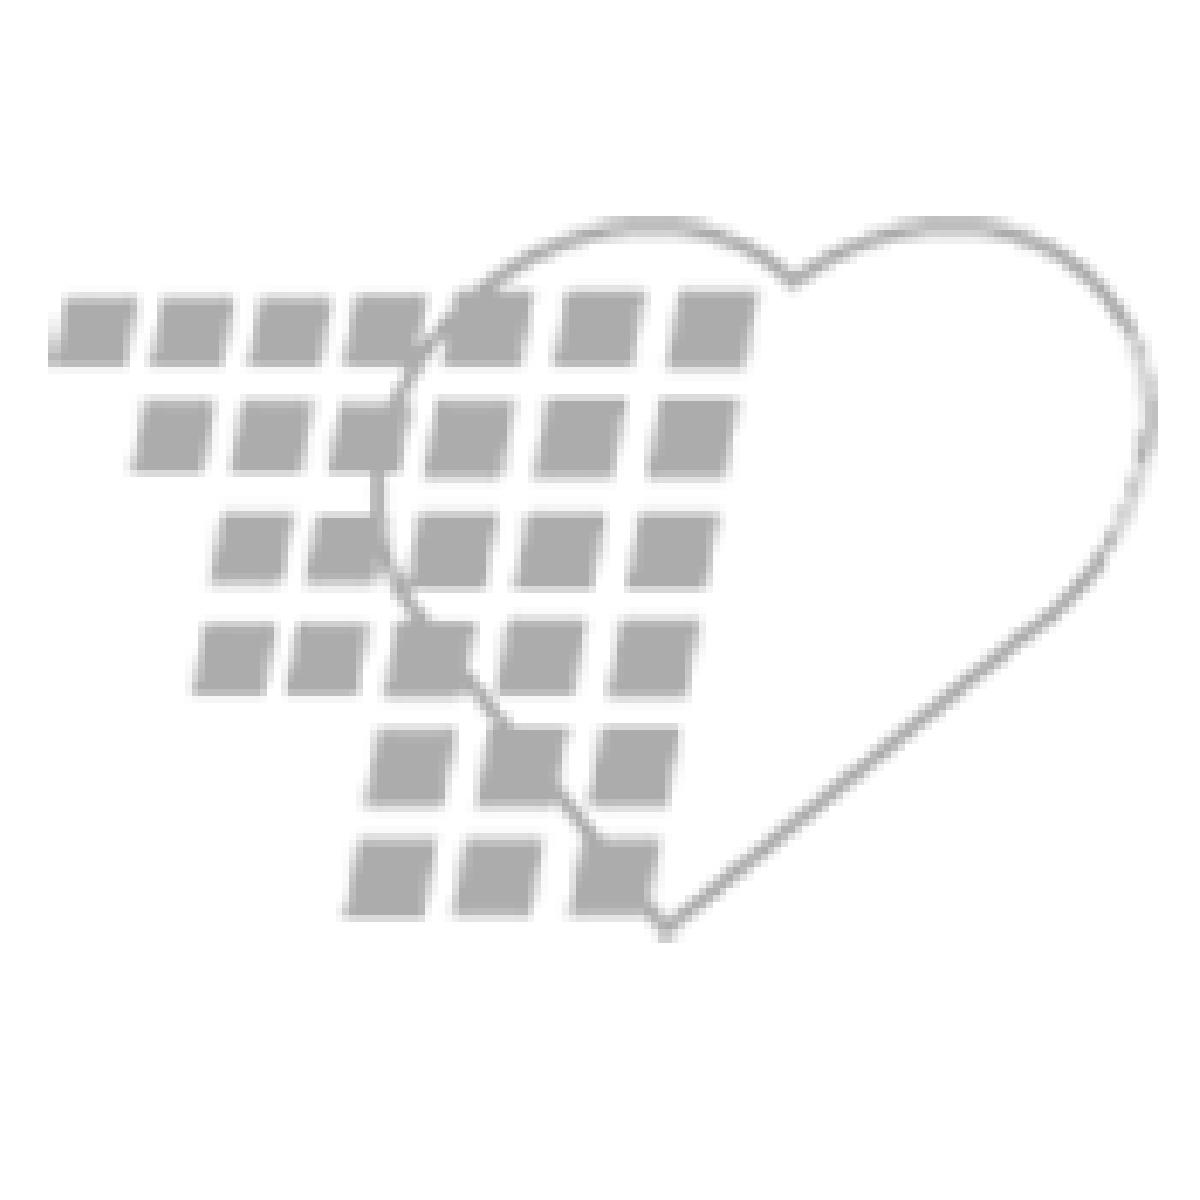 12-81-0008-BRN - SimLeggings® Pediatric New Born Pair - Brown